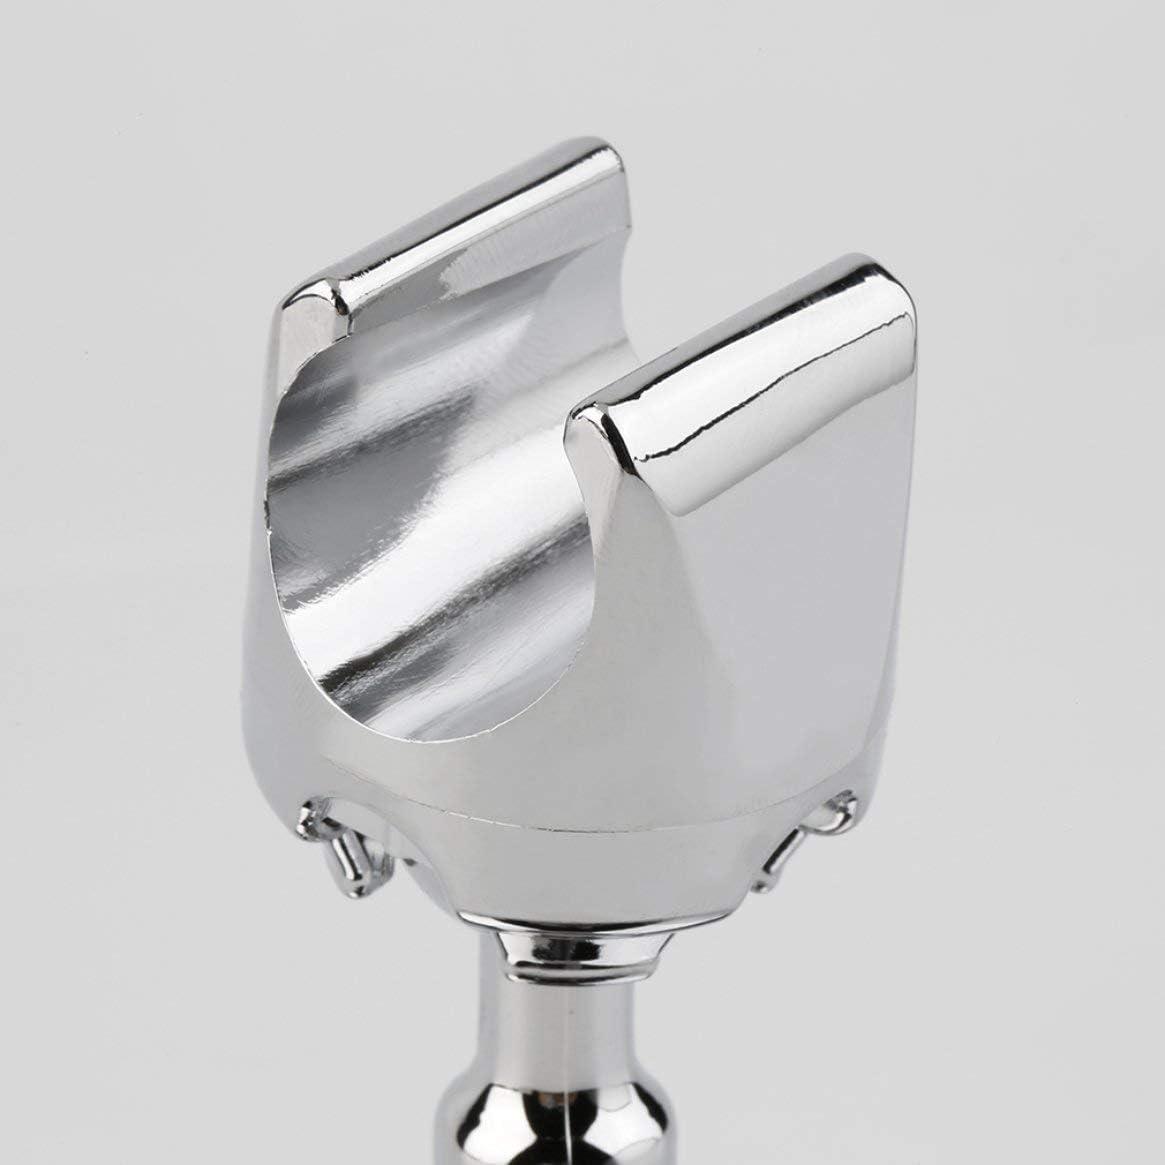 Support de pommeau de douche mural pour salle de bains Accueil Support pour ventouse Support de pommeau de douche utile pour salle de bains Argent